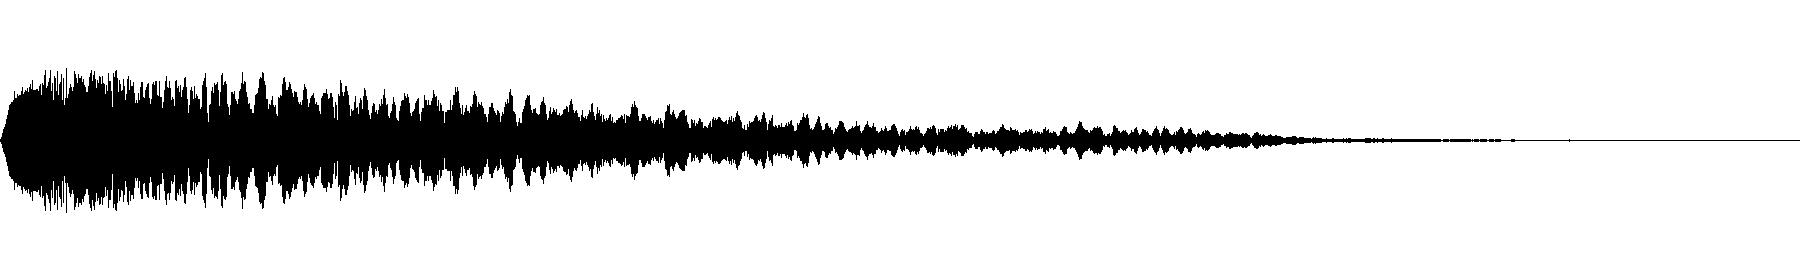 vfx1 atmos 71